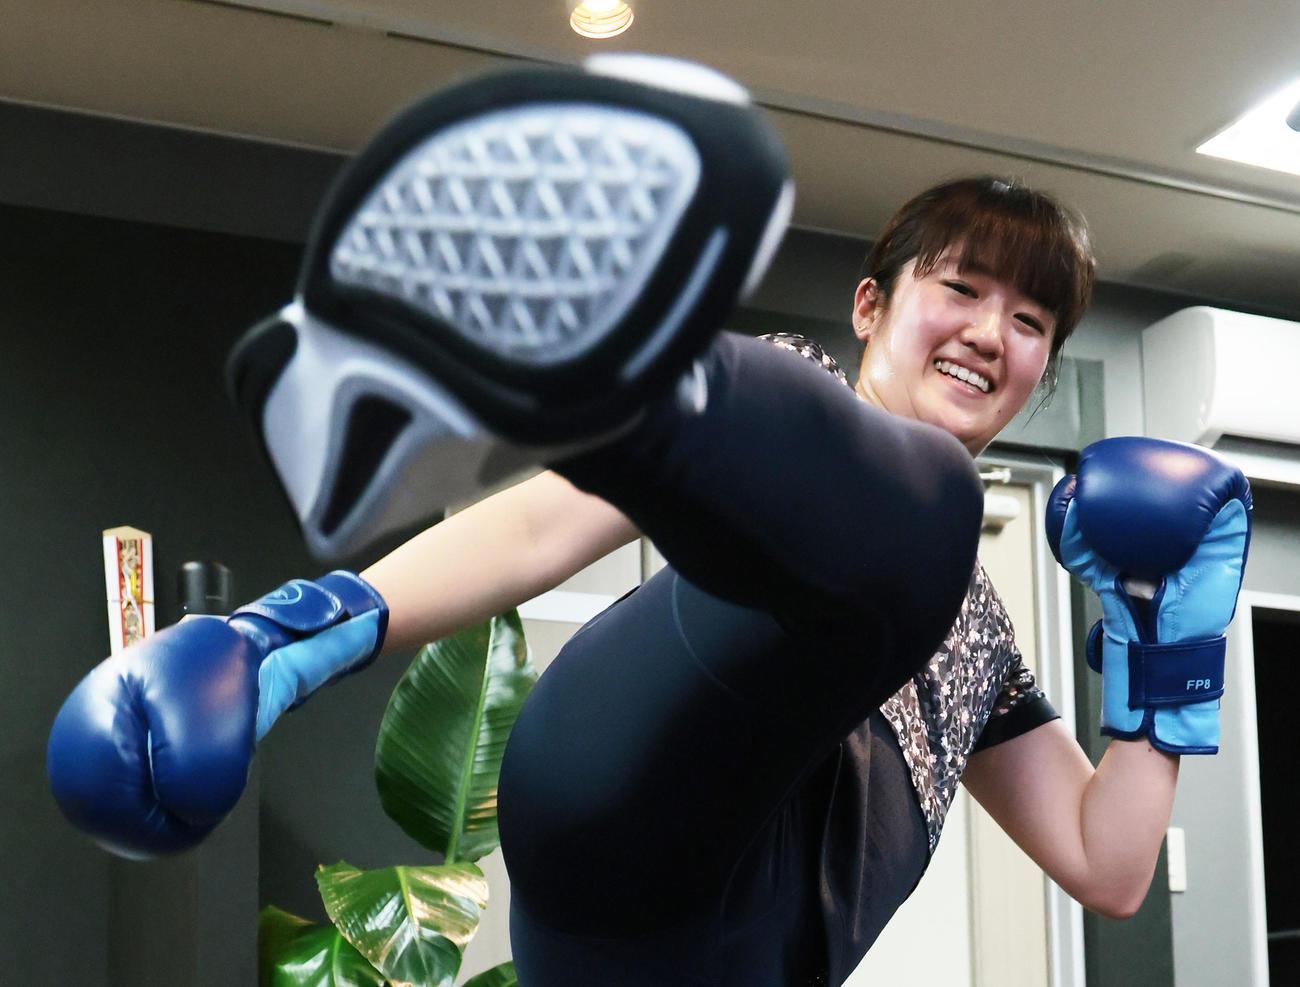 自主トレでキックボクシングの華麗なキックを披露する稲見(撮影・足立雅史)